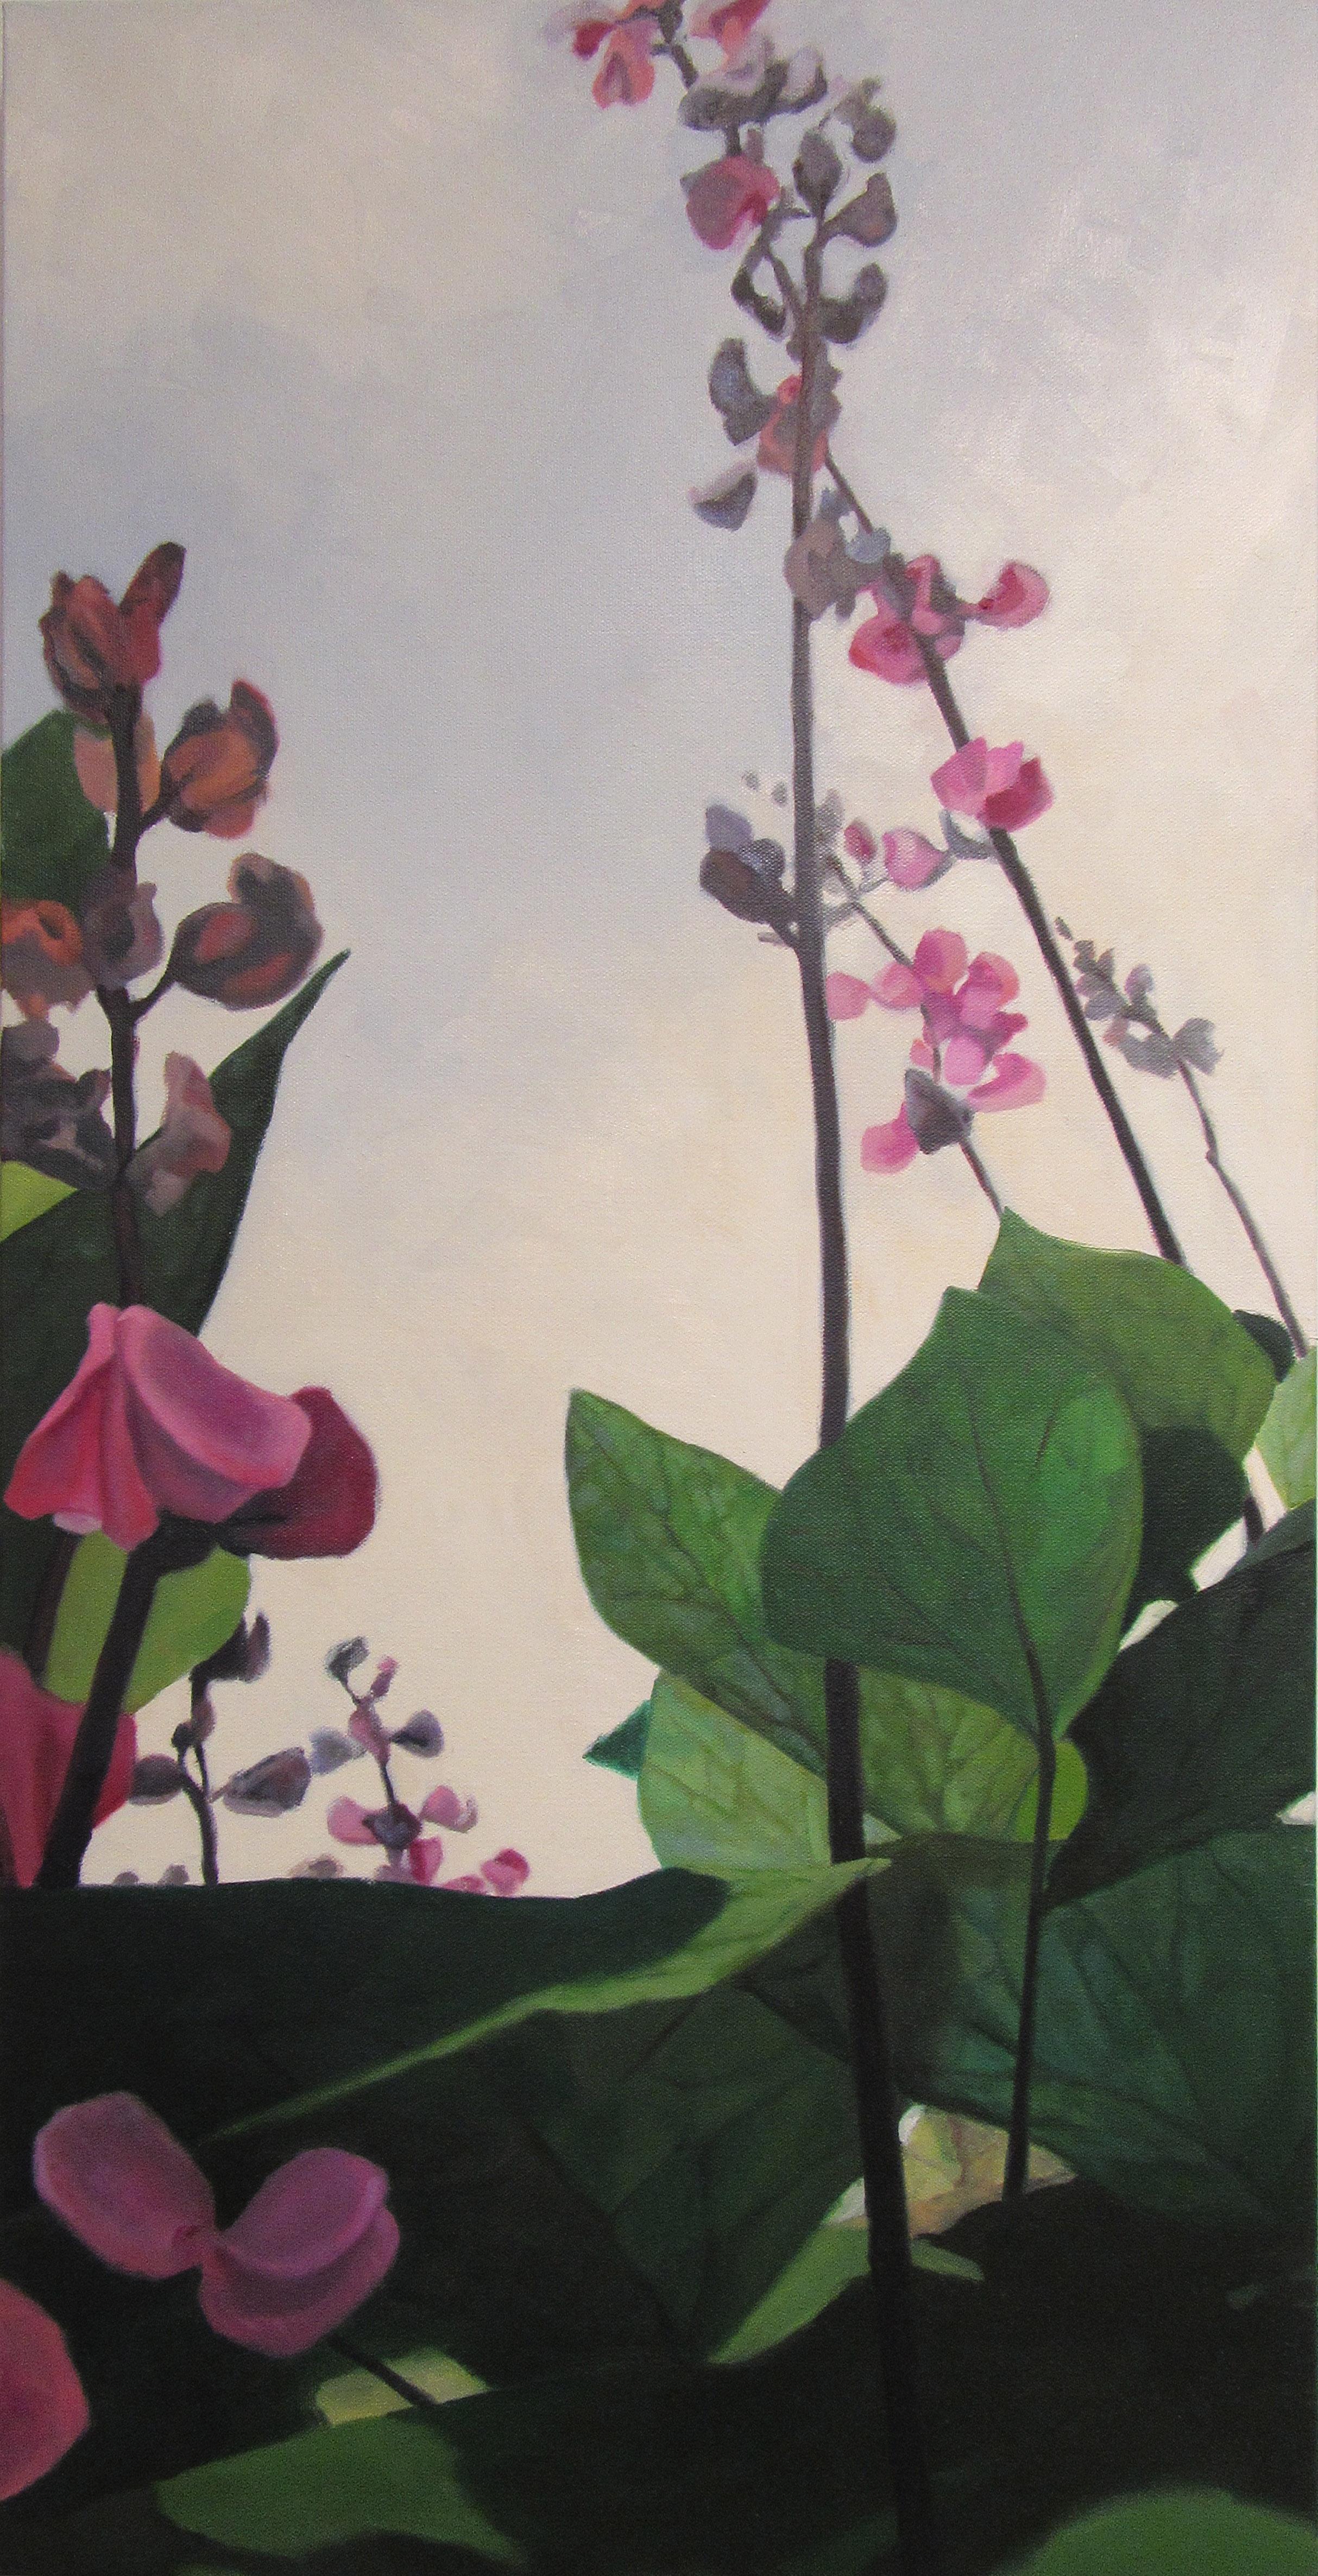 Hyacinth Bean Vine4